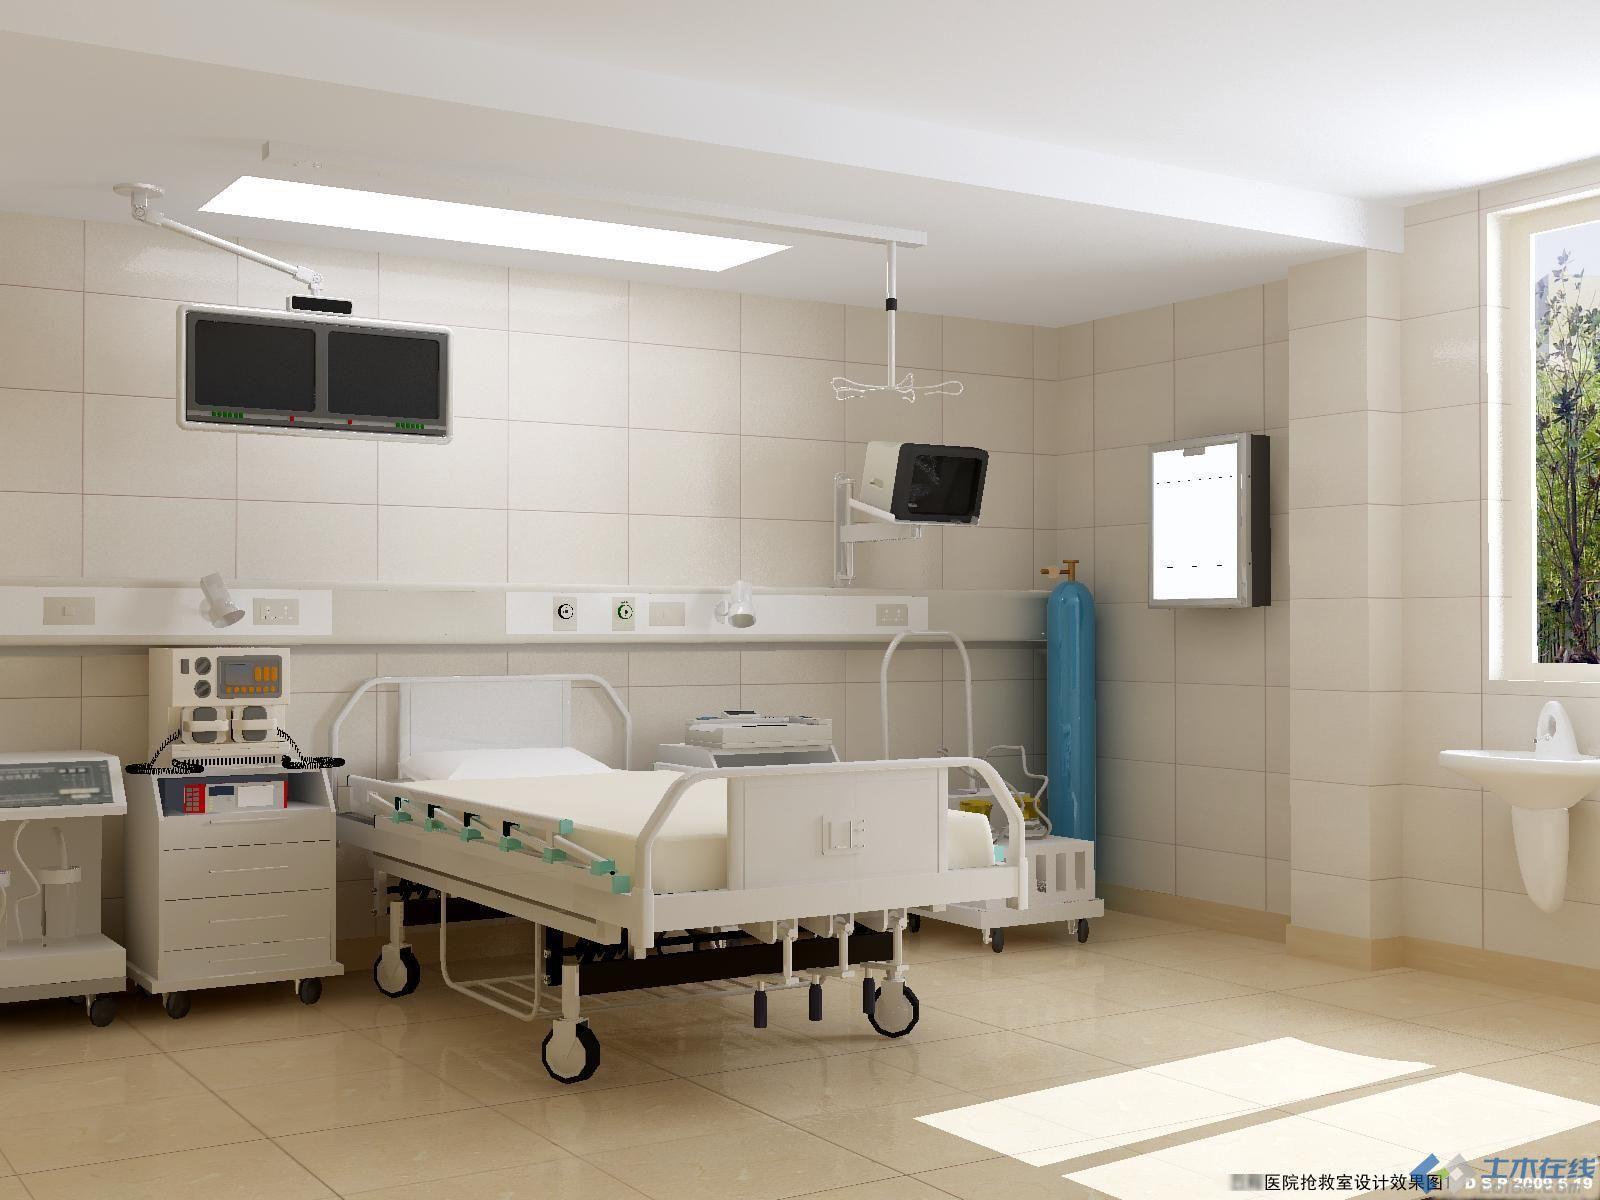 医院抢救室设计效果图.jpg 高清图片